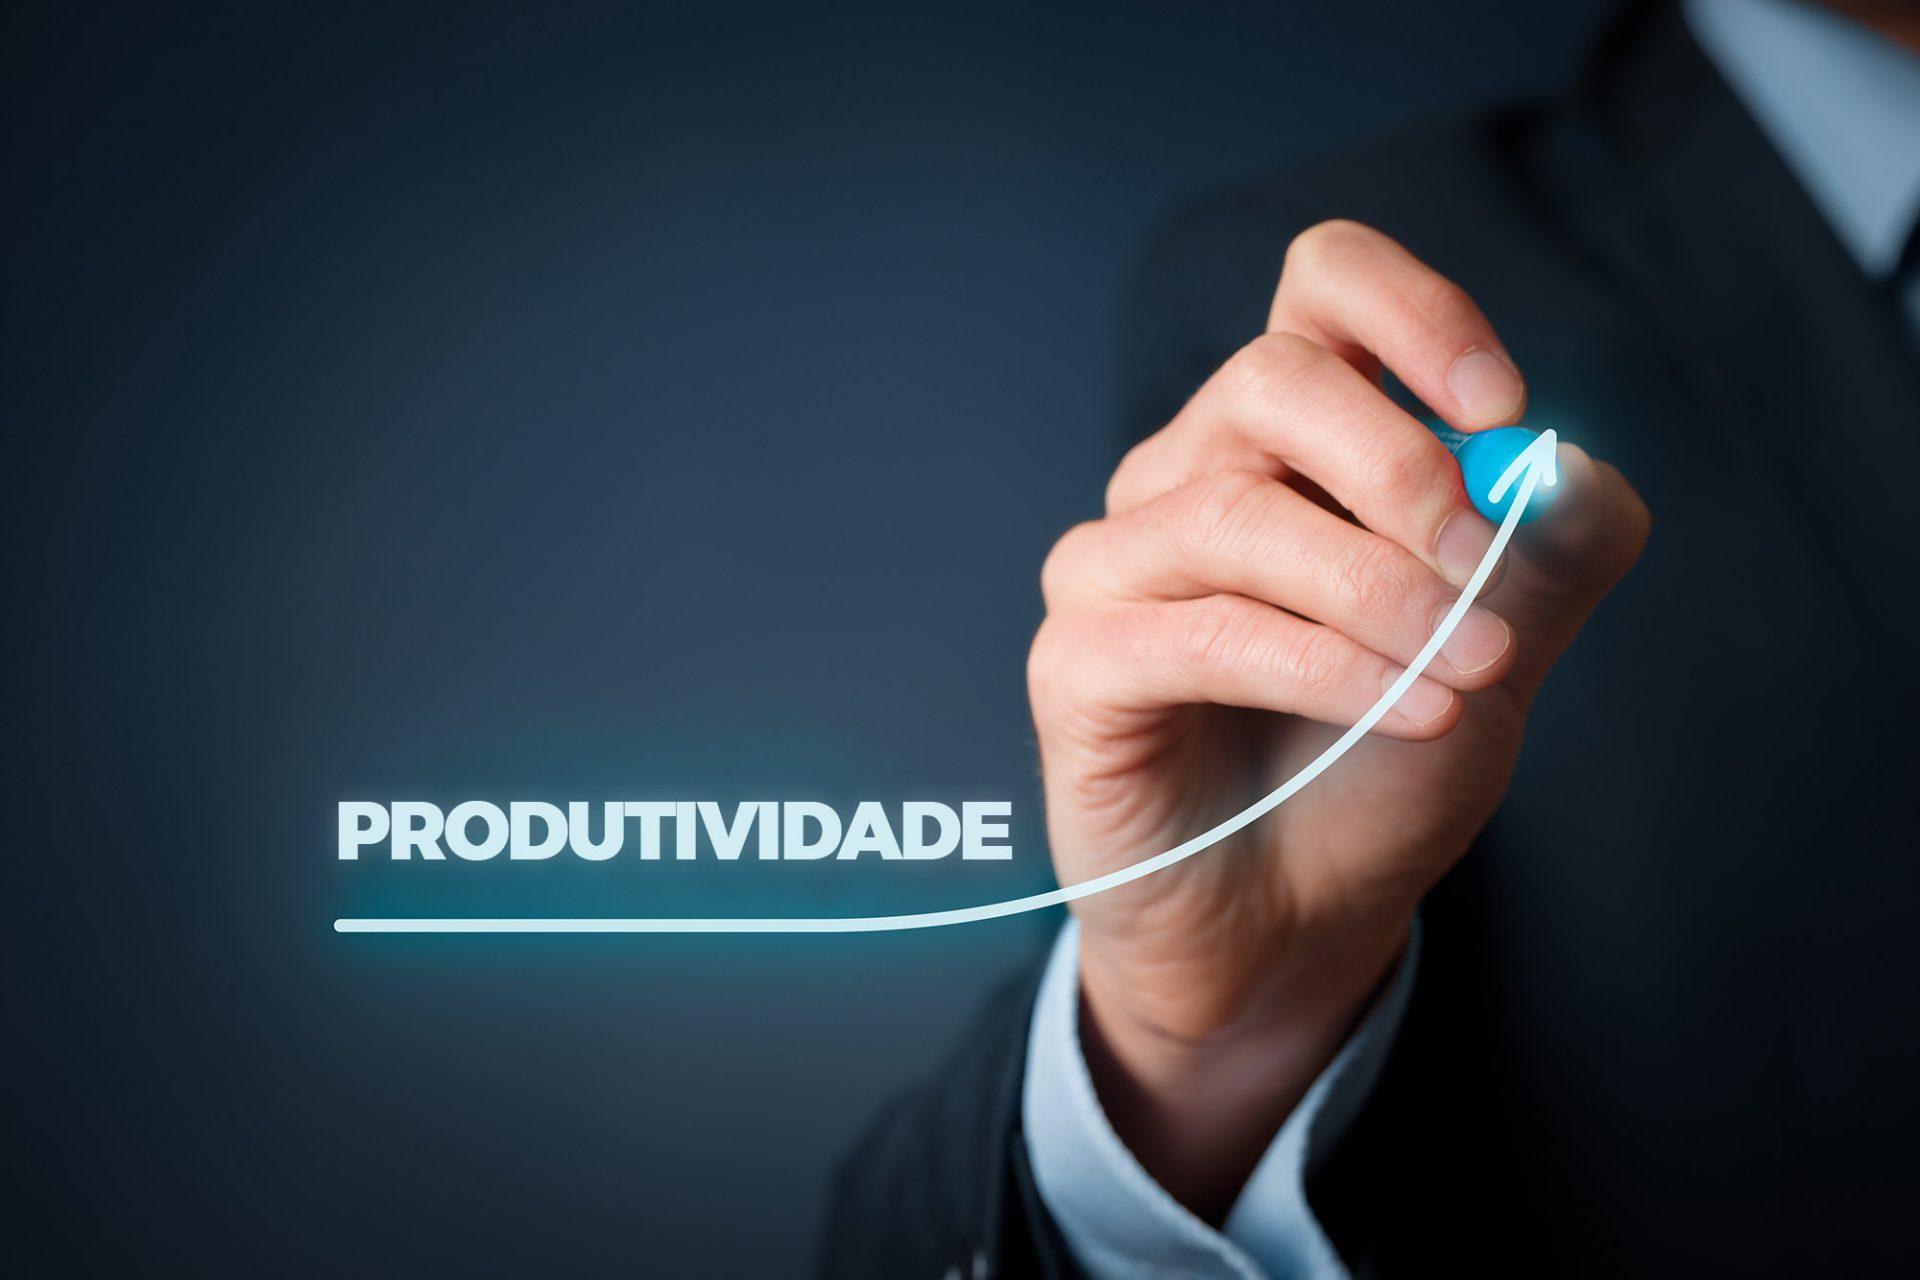 produtividade do corretor de imóveis